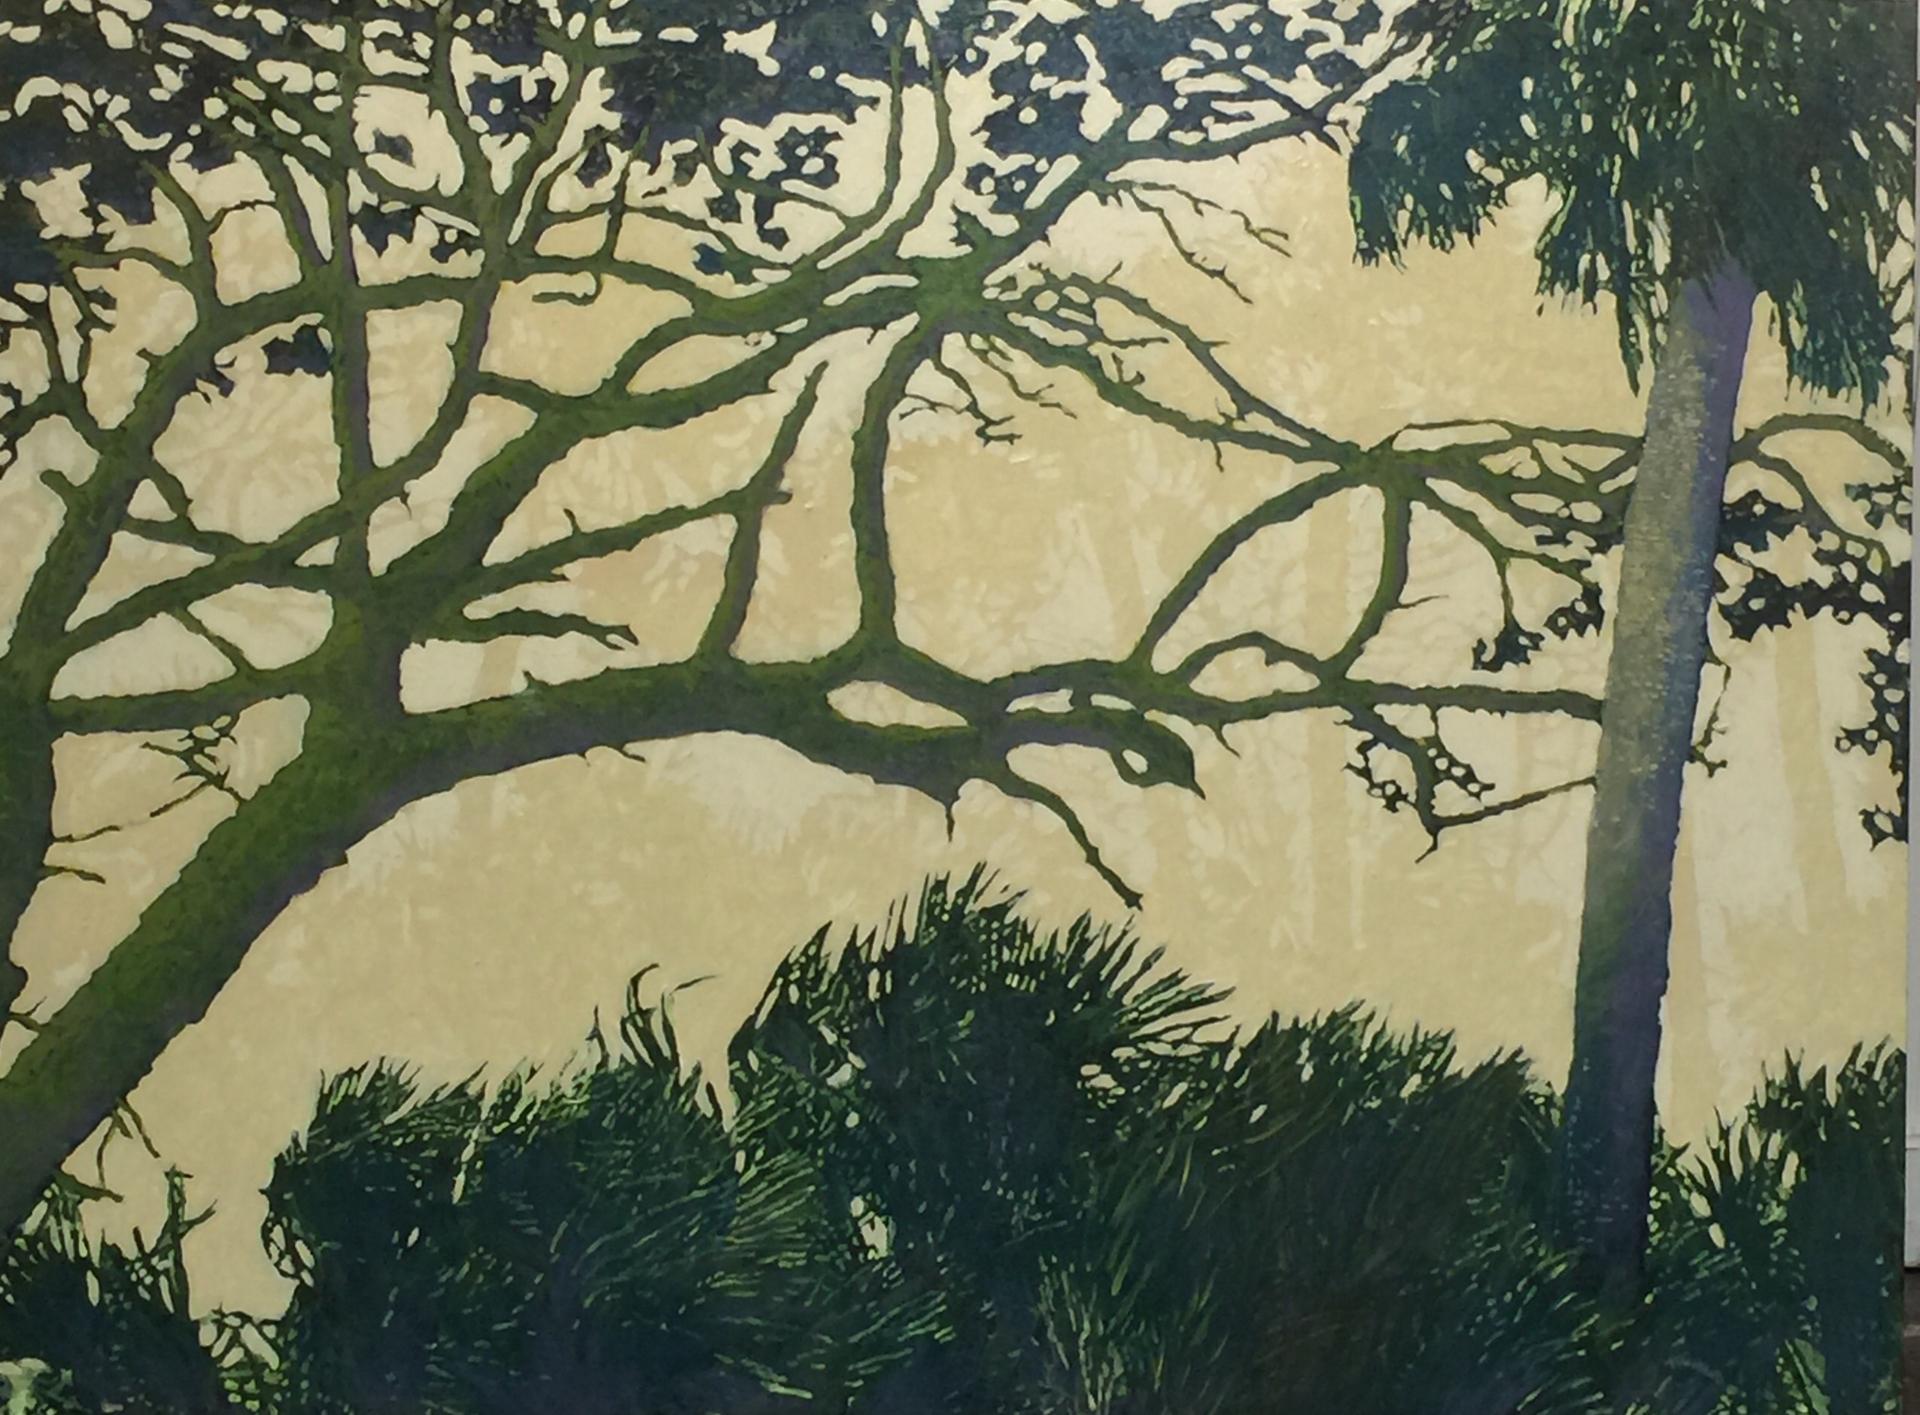 Botany Bay Twisted Live Oak by John Townsend